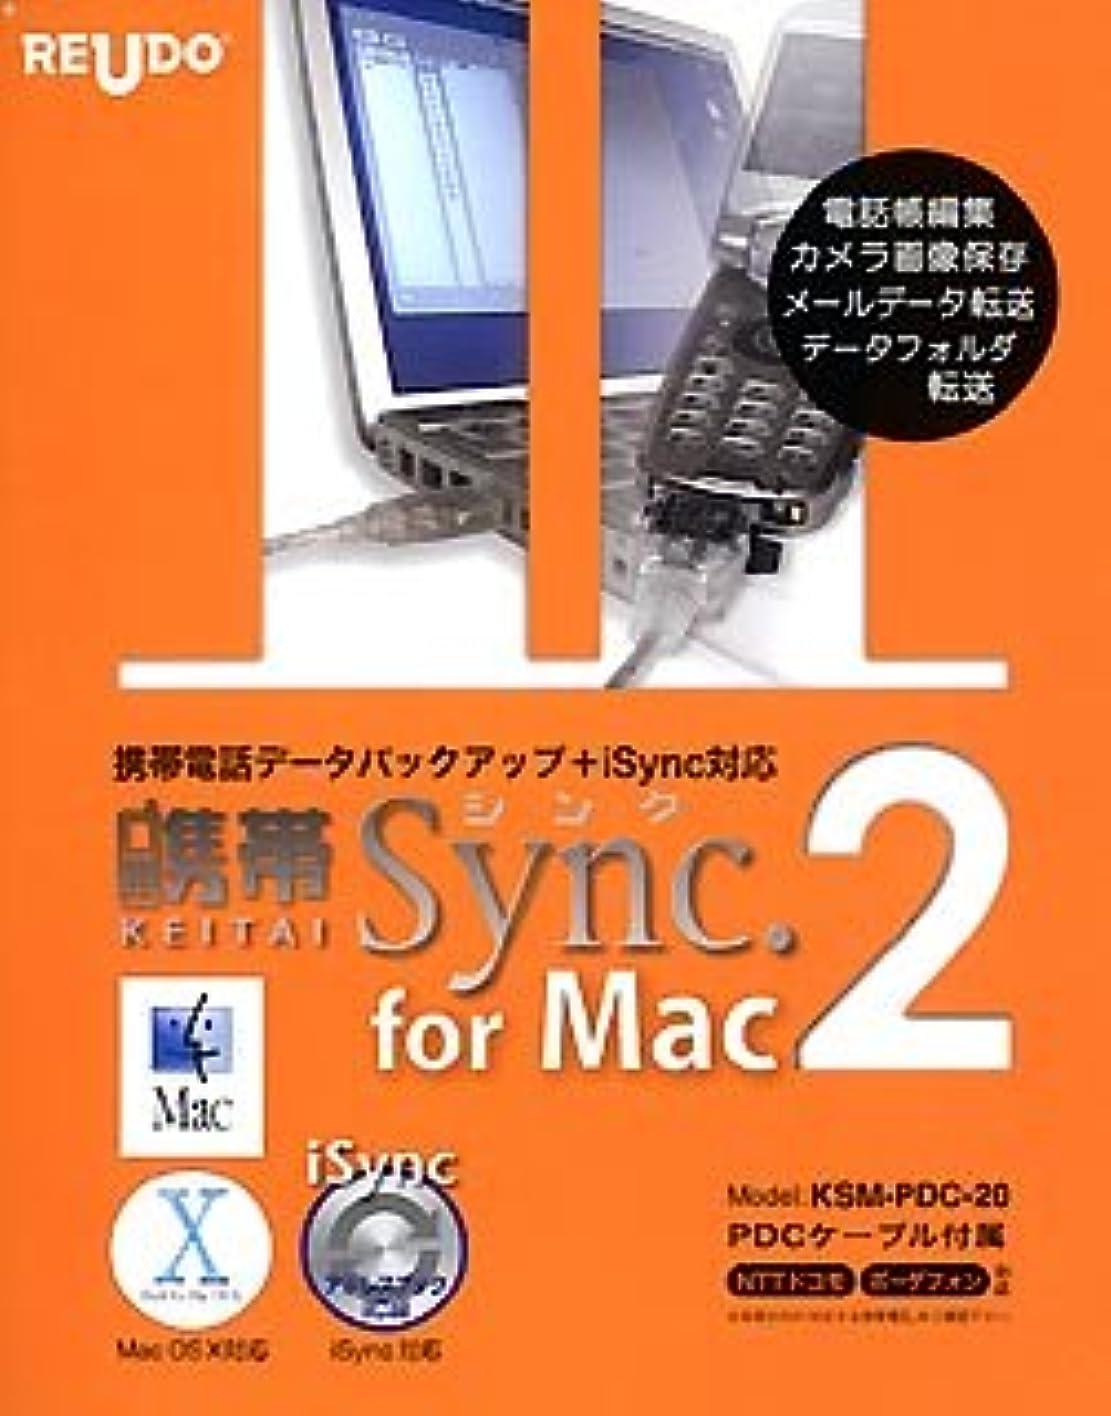 独裁者お風呂を持っている真実に携帯シンク for Mac 2 PDCケーブル付属 NTTドコモ?ボーダフォン対応